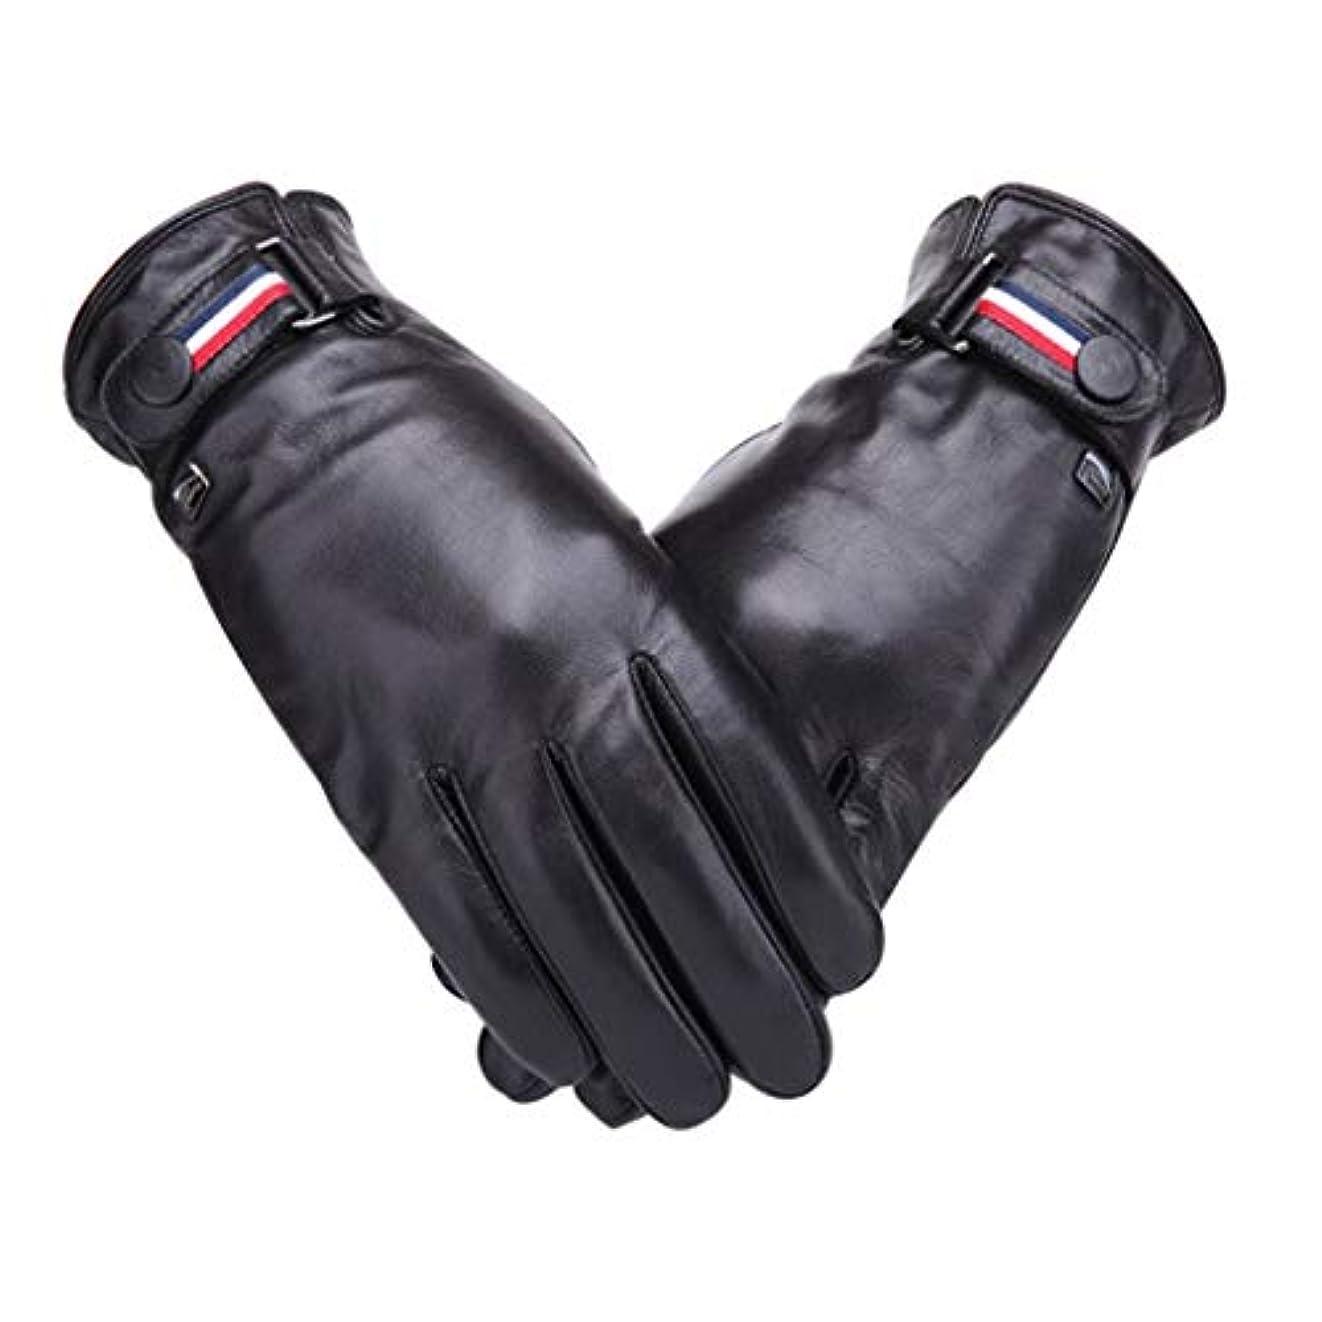 スタック無視する赤外線羊皮の手袋の男性秋と冬のサイクリングwindproof暖かいプラスベルベットの肥厚の男性の手袋